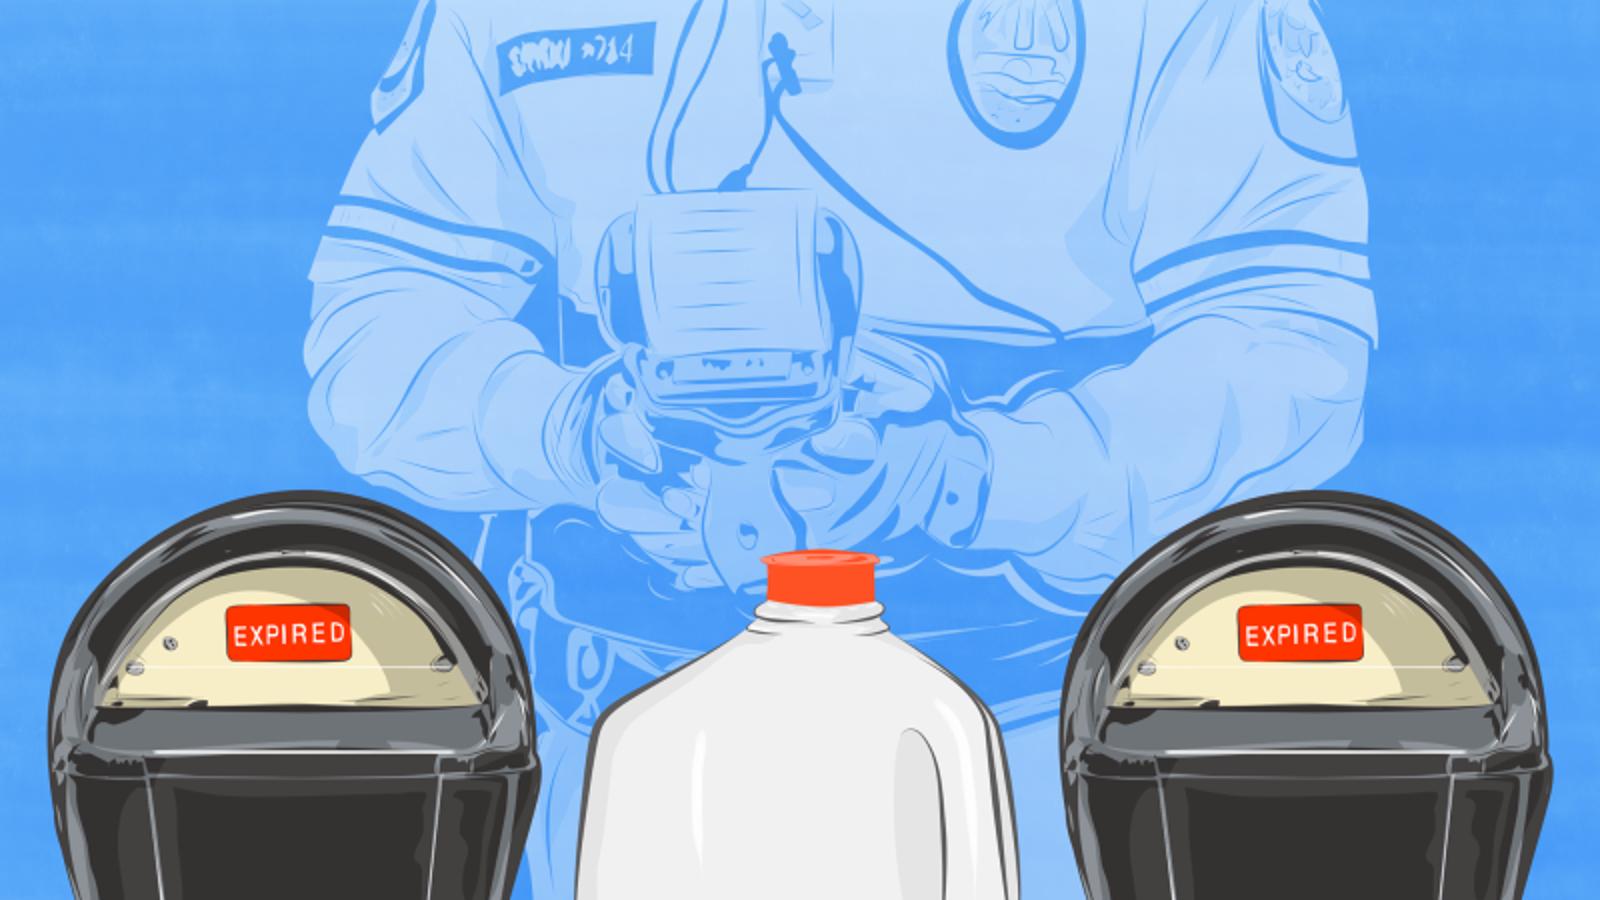 Qué significan realmente las etiquetas con las fechas de caducidad de los alimentos (y cómo saber si puedes comer algo)